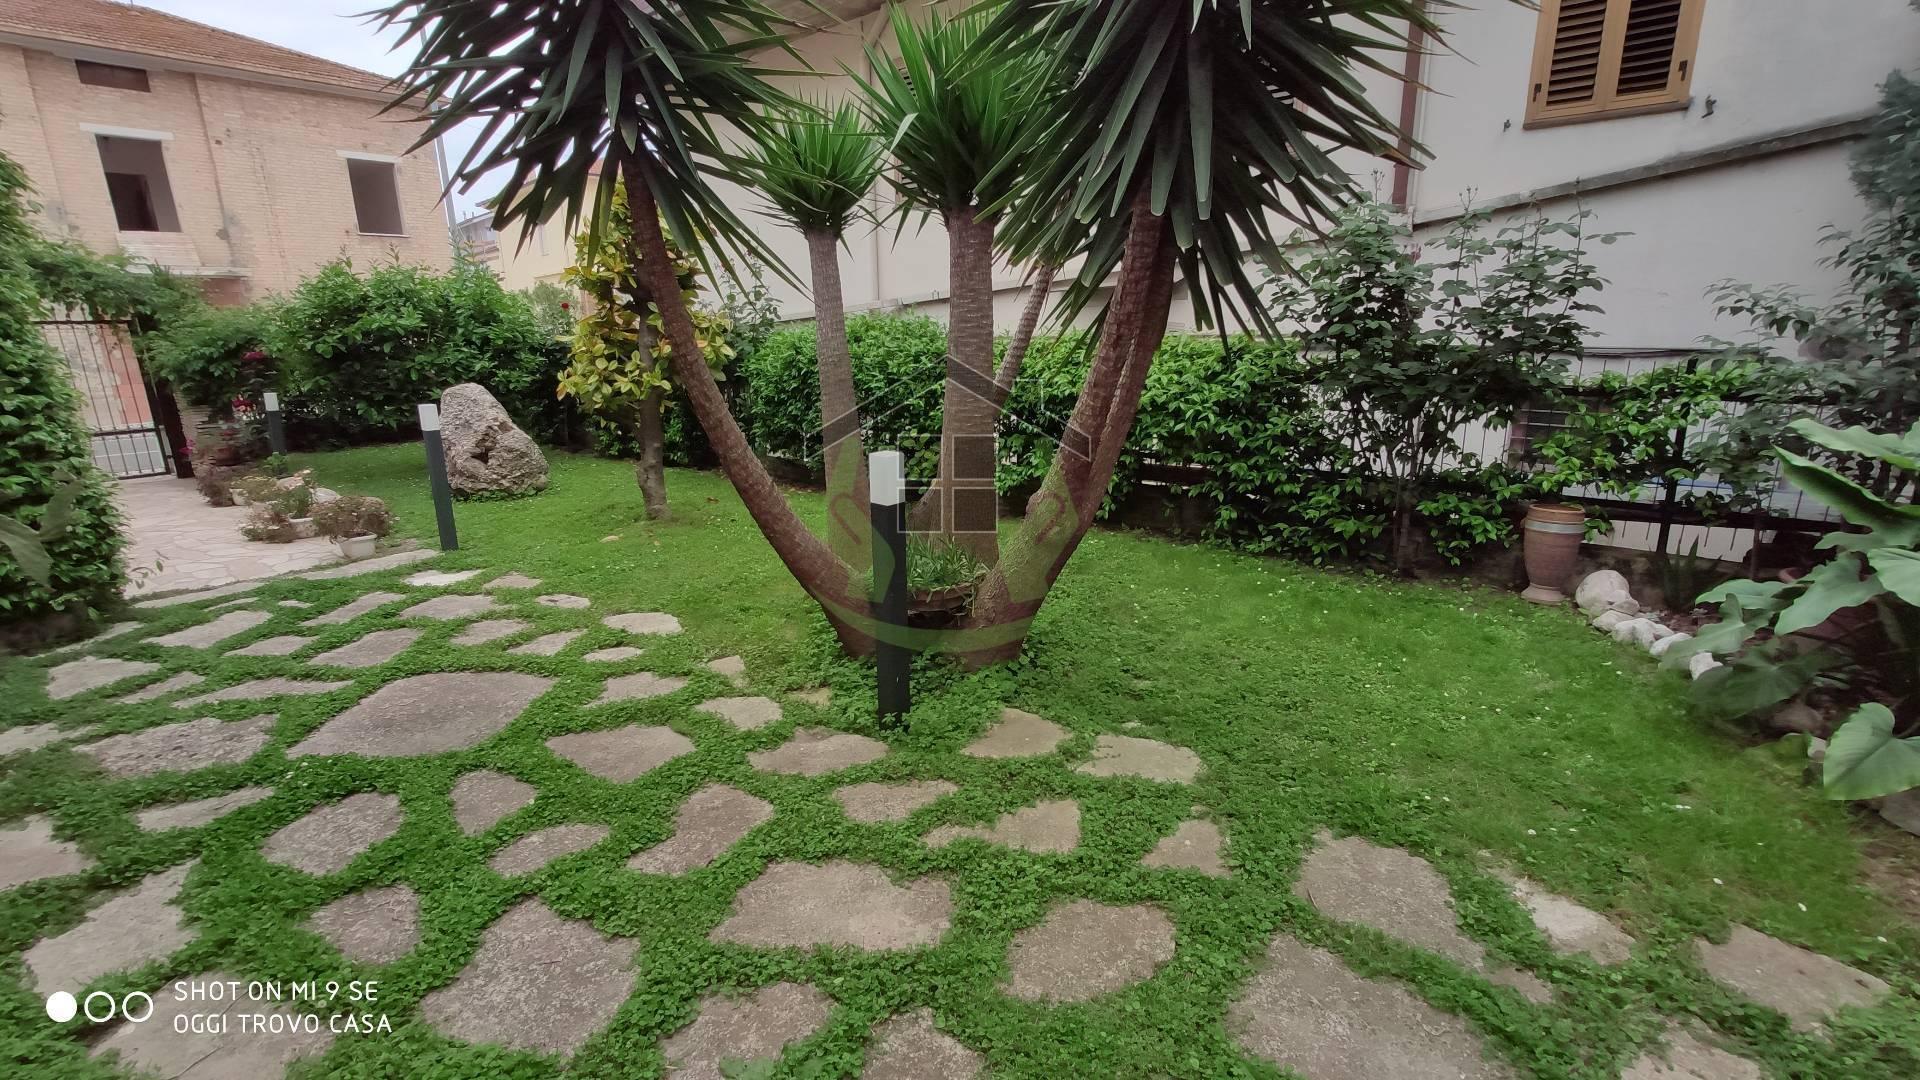 Appartamento in vendita a Monteprandone, 4 locali, zona obuchi, prezzo € 240.000 | PortaleAgenzieImmobiliari.it